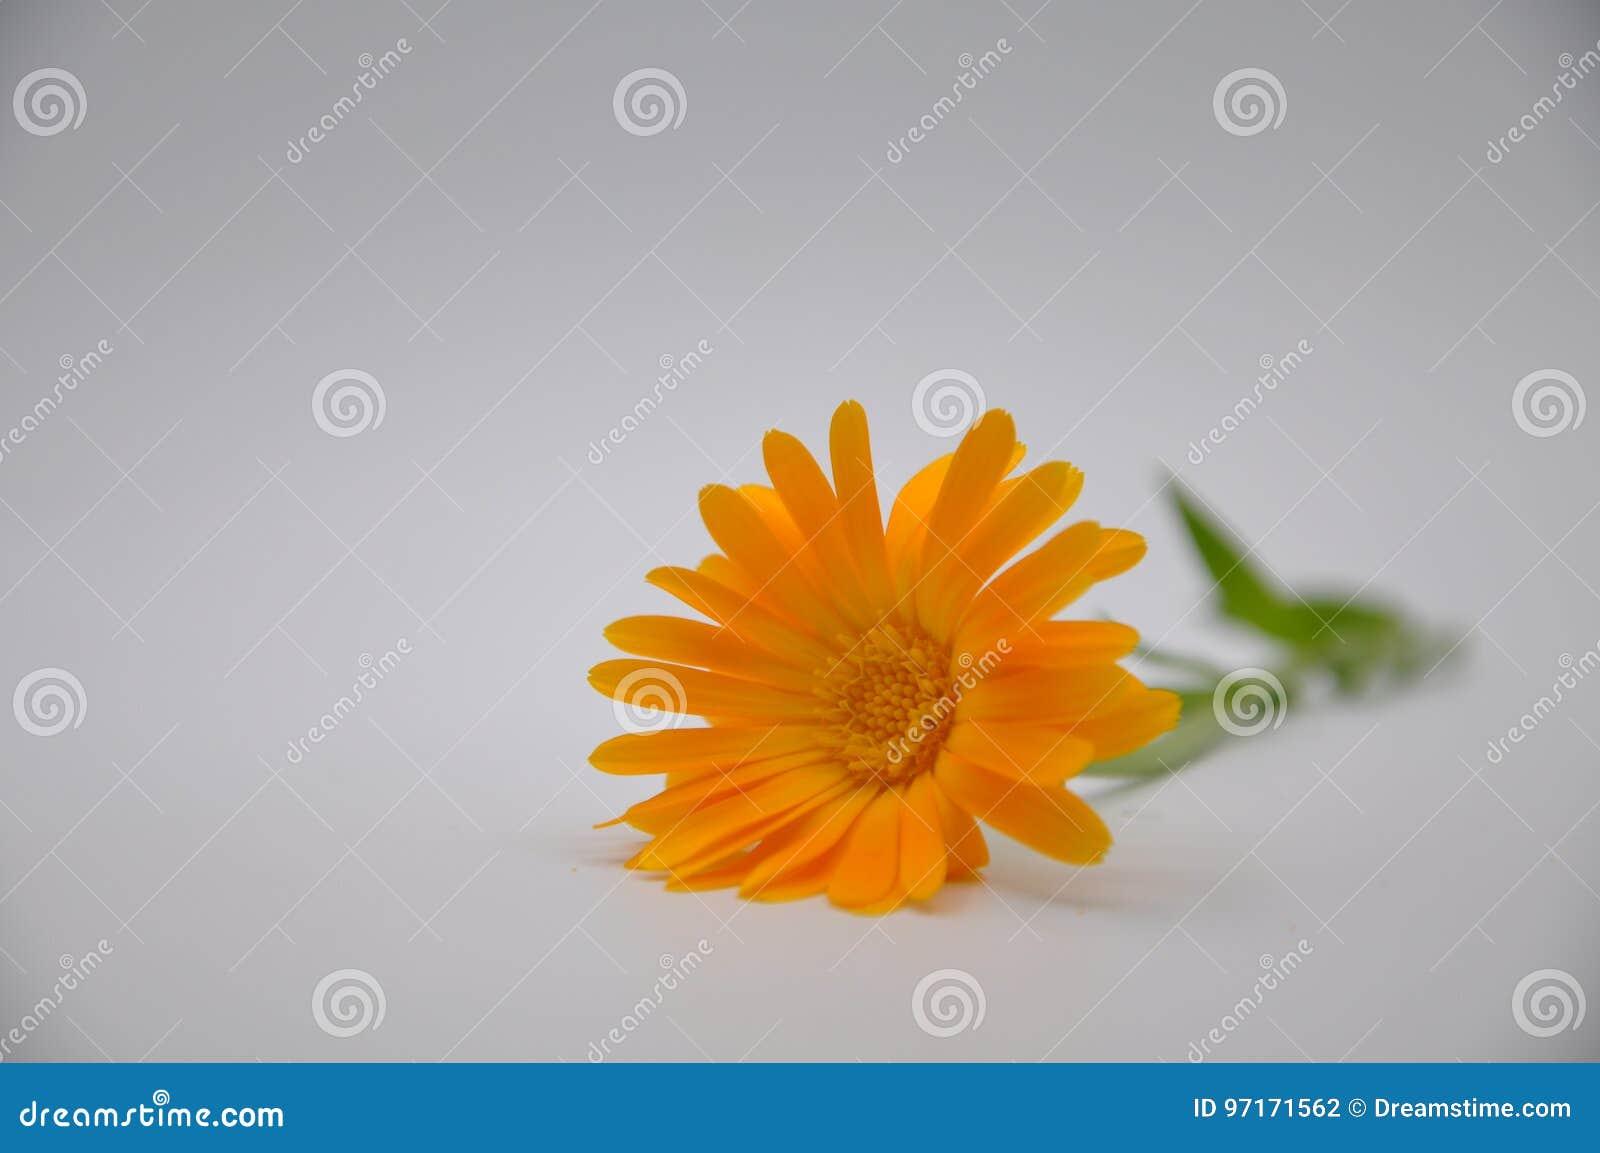 Orange Marigold Flower With White Background Stock Photo Image